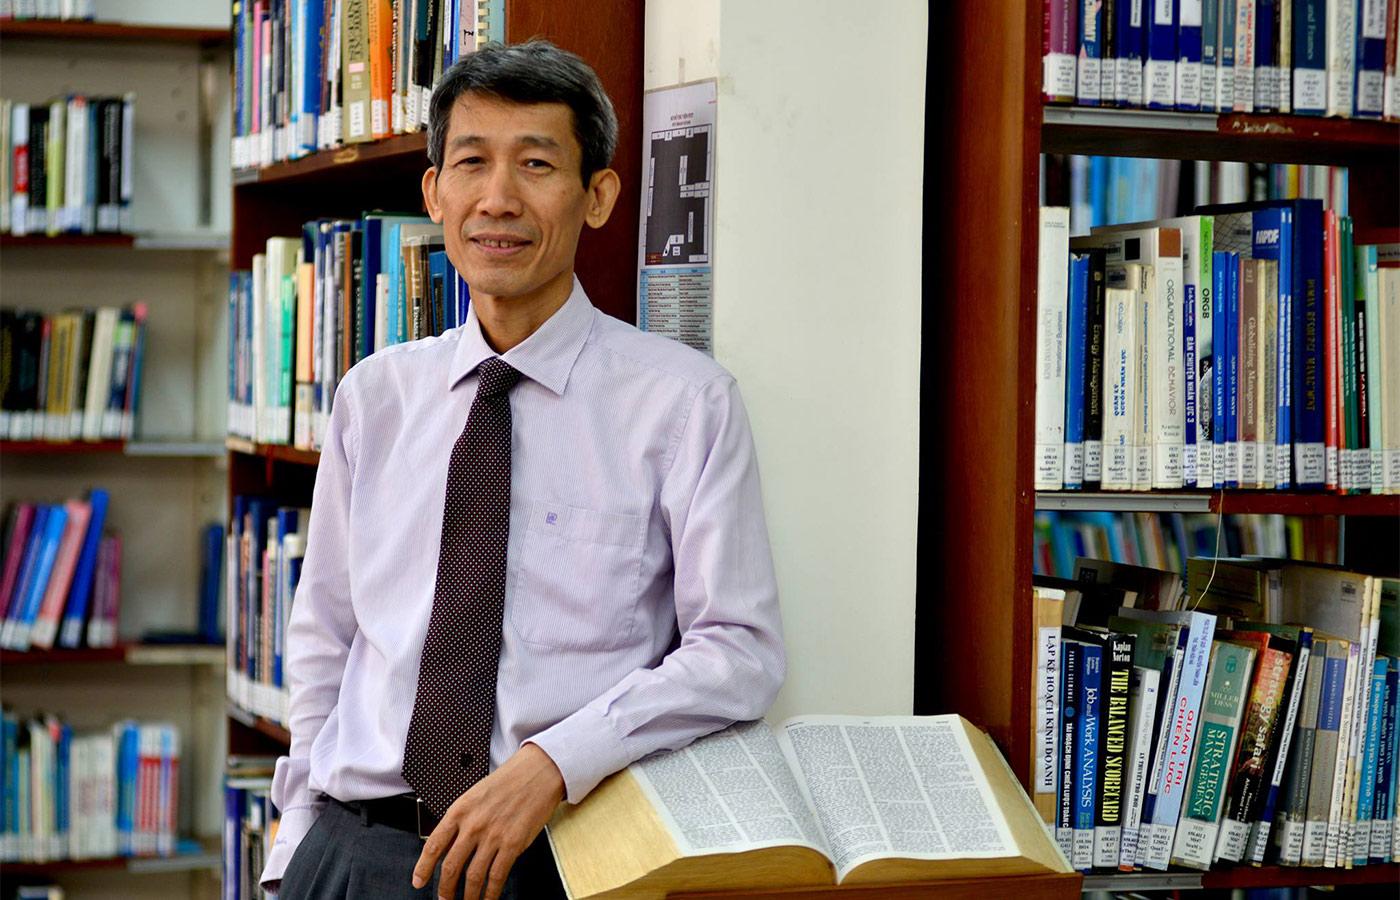 PGS.TS Phạm Duy Nghĩa, Giám đốc chương trình Thạc sĩ Chính sách công, Đại học Fulbright Việt Nam - Ảnh: Đại học Fulbright Việt Nam